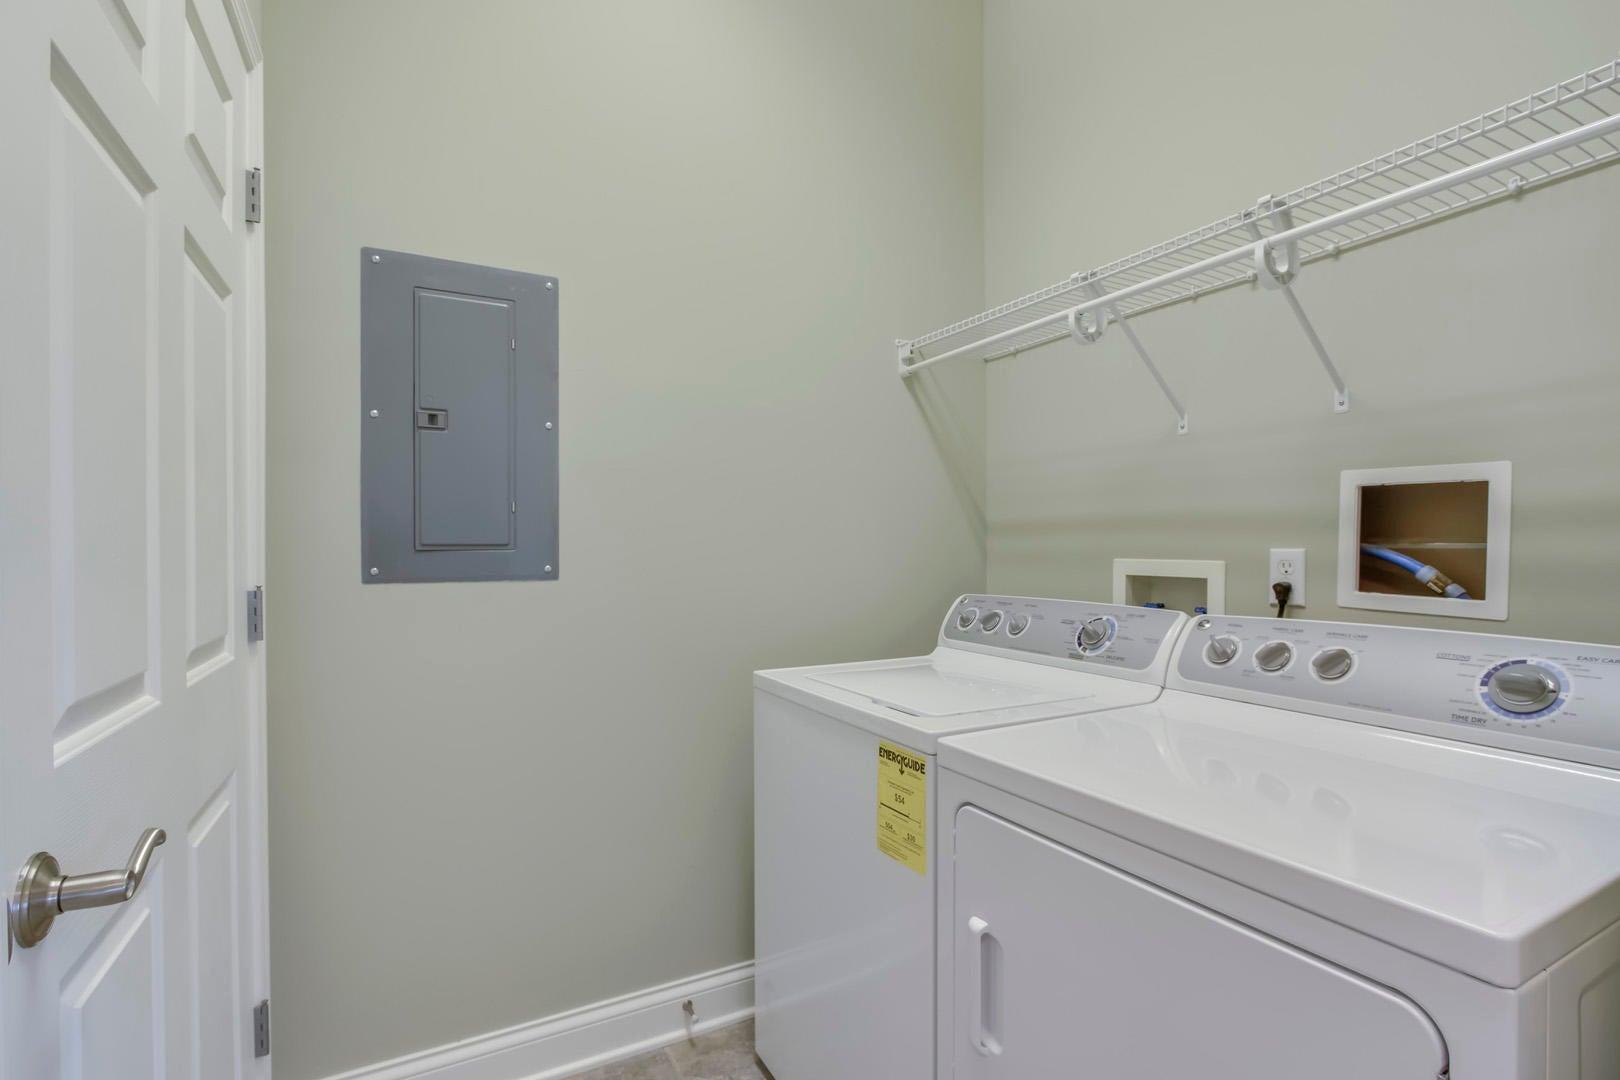 24_RarityBayParkway_535_207_Laundry